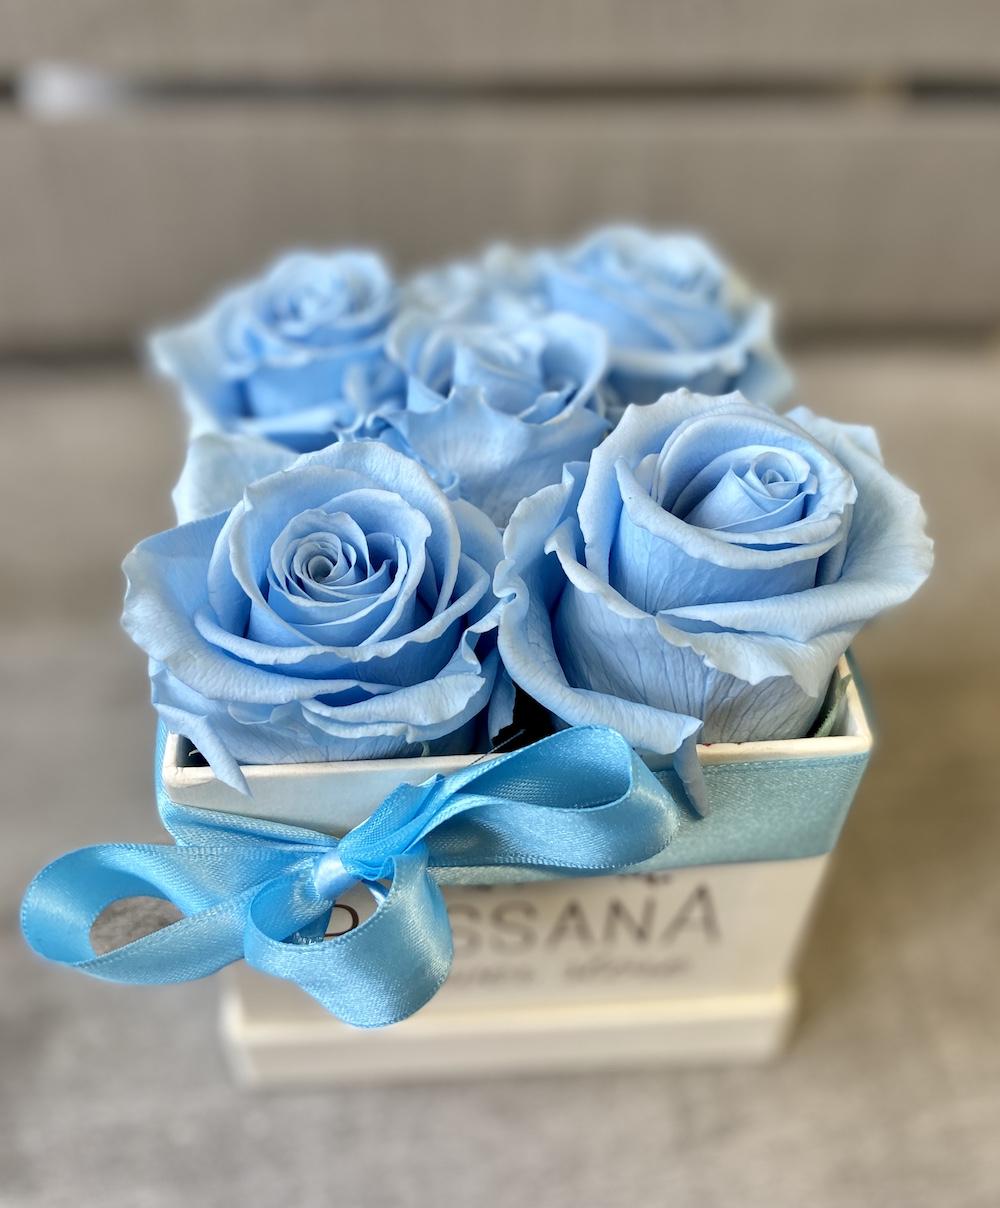 flower box rose stabilizzate florashopping Rossana flower store NovellinoIMG_0834 azzurro